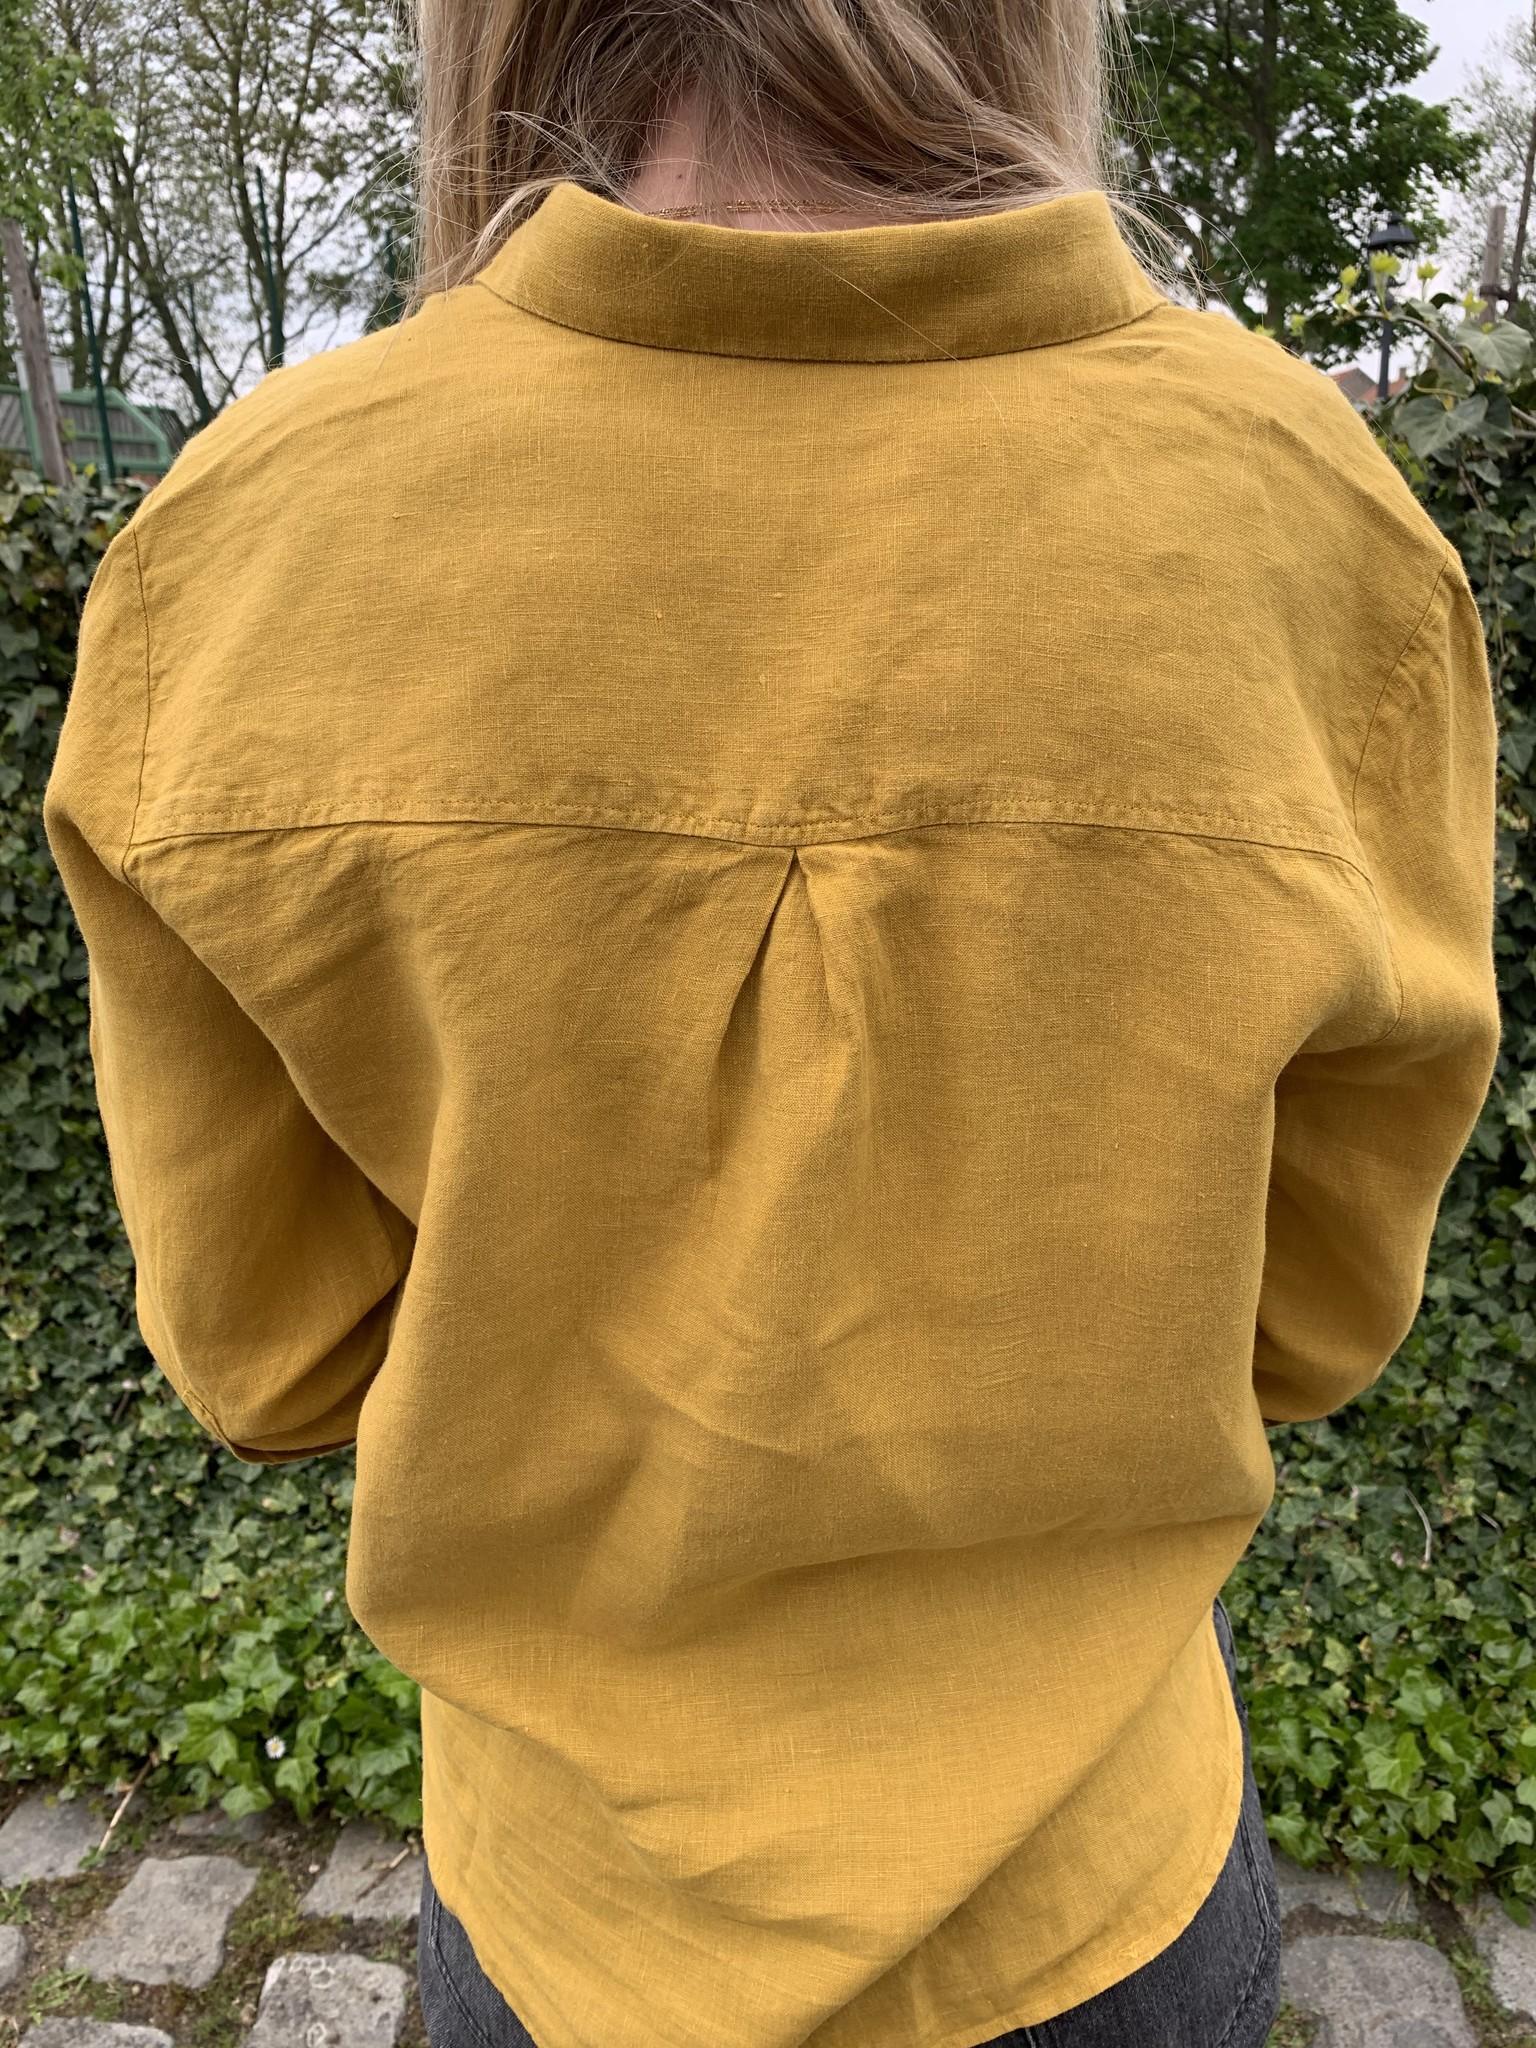 Le grenier du lin Chemisier manches 3/4 jaune safran